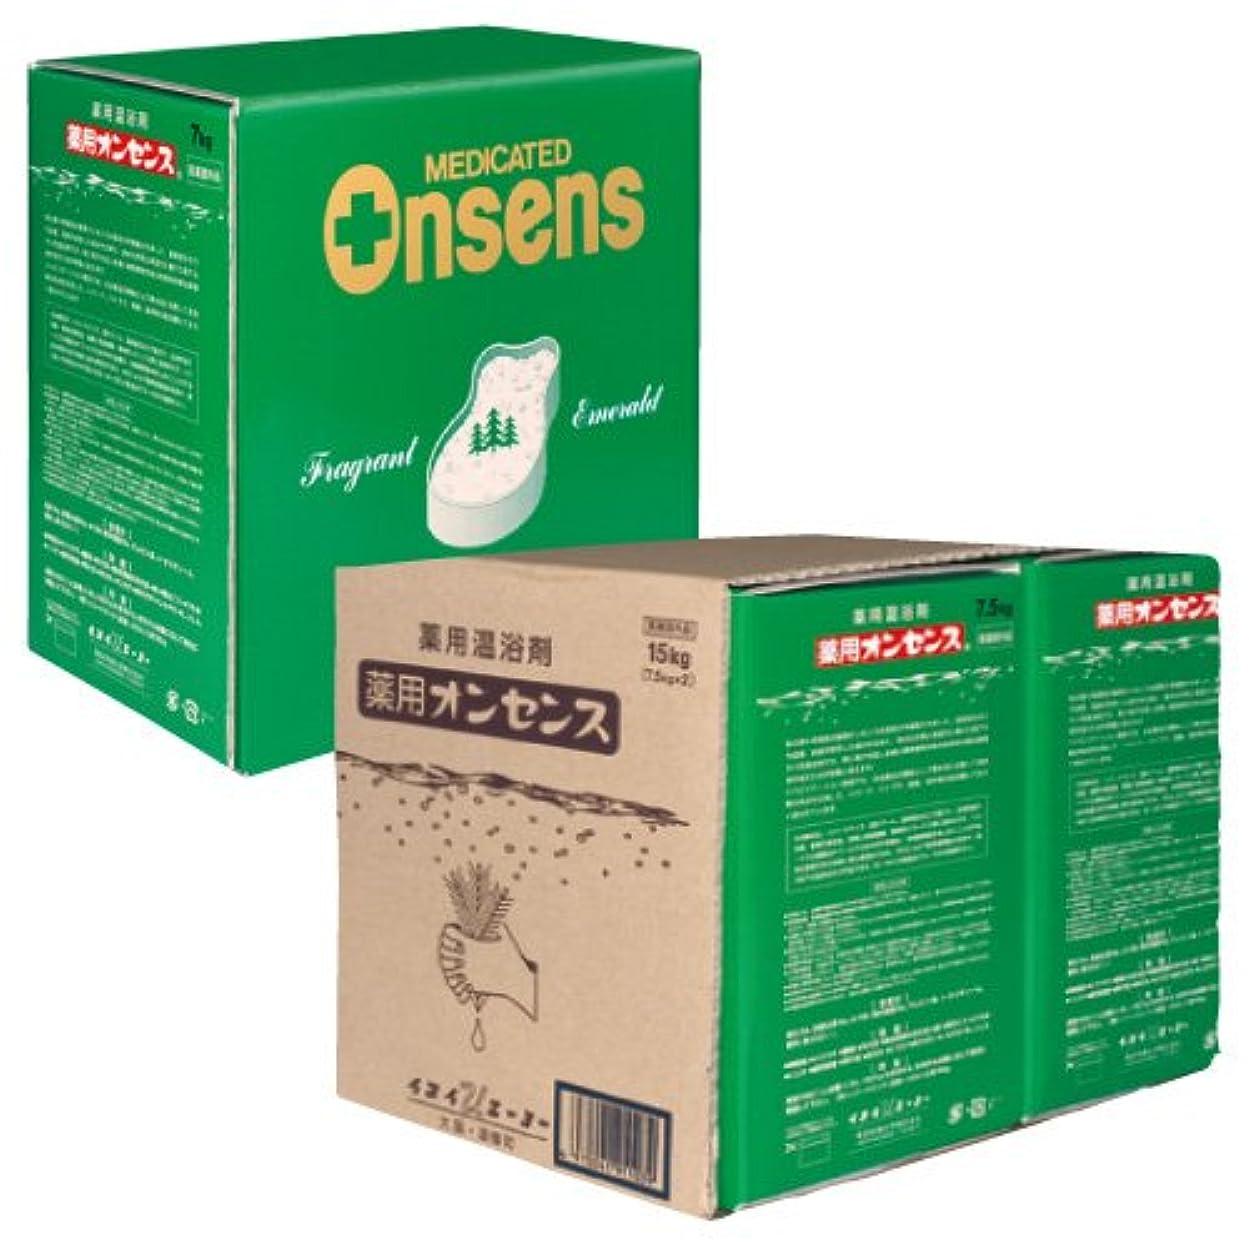 くつろぐ応じる周囲入浴剤 (薬用オンセンス) 7kg /7-2536-02